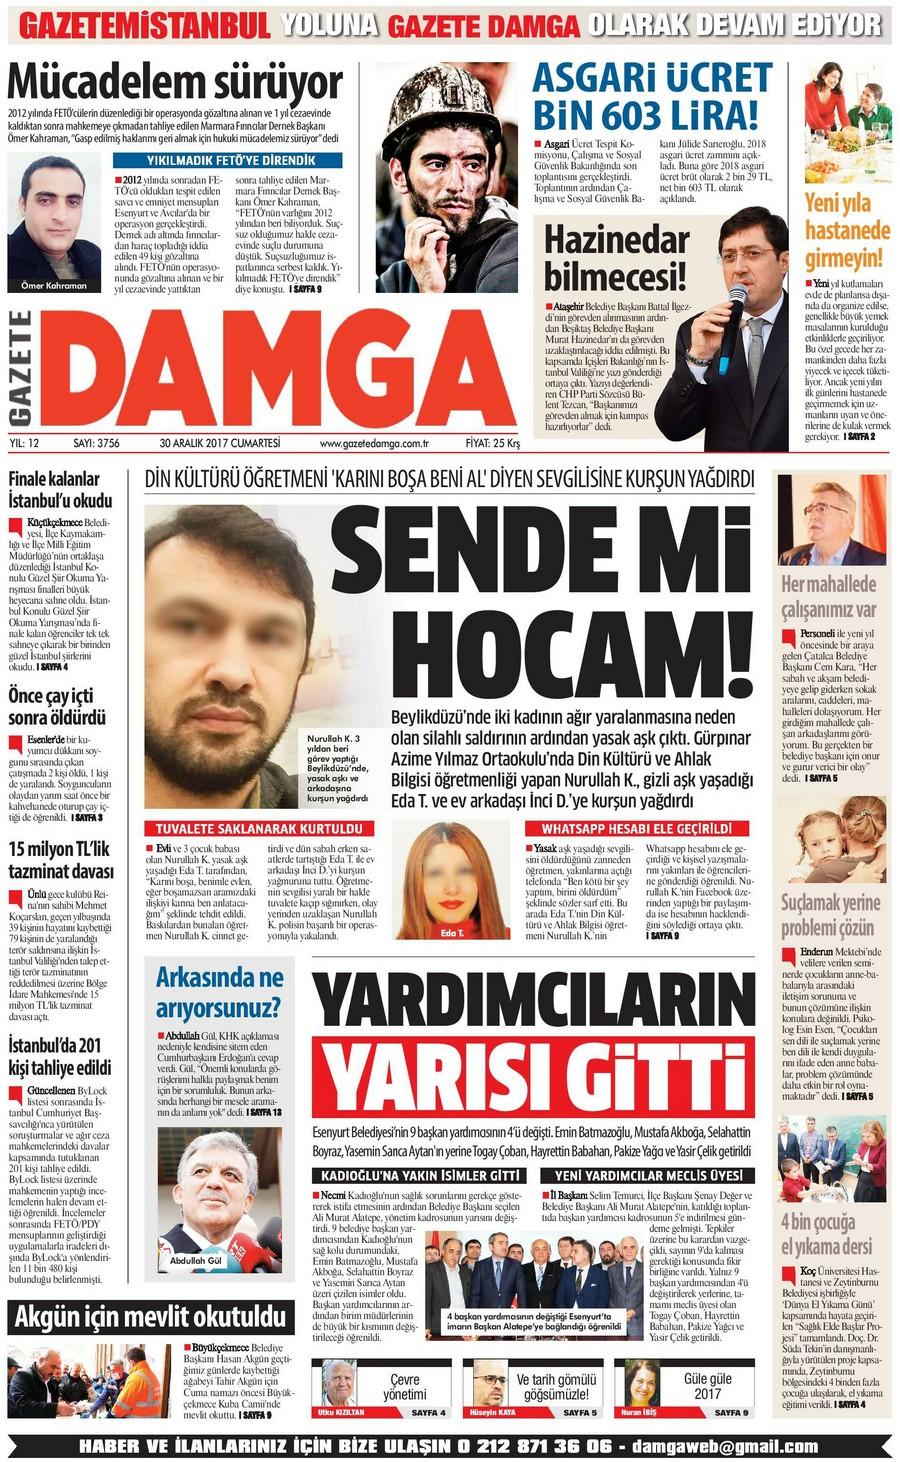 Gazete Damga - 30.12.2017 Manşeti